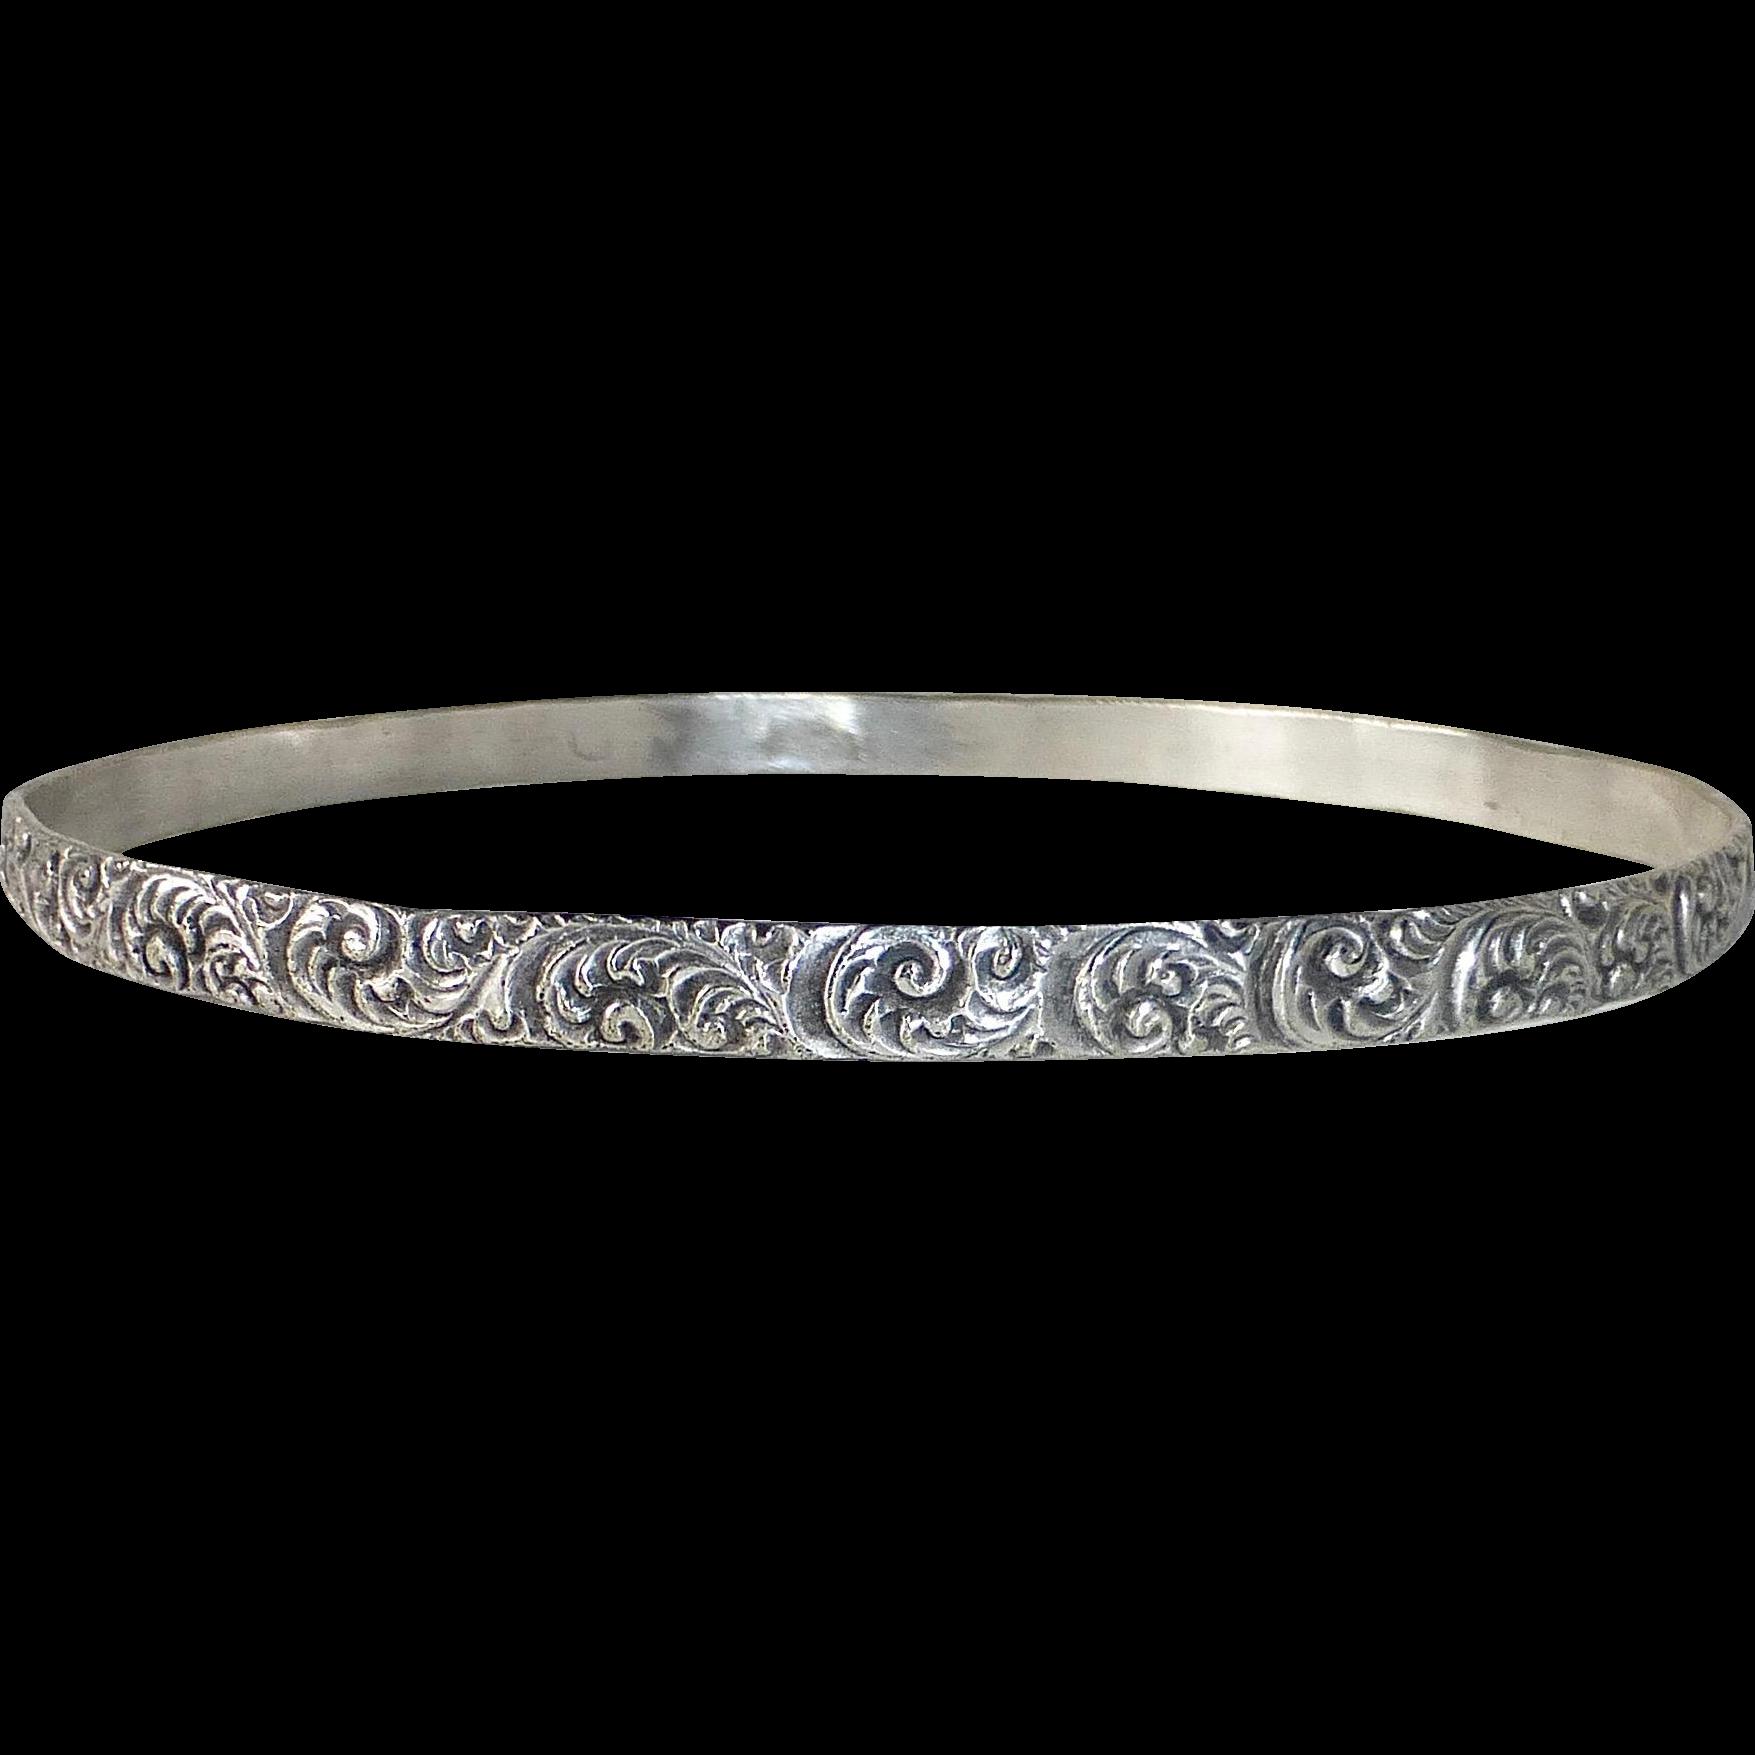 Sterling Silver Bangle Bracelet Ornate Carved Curls Design